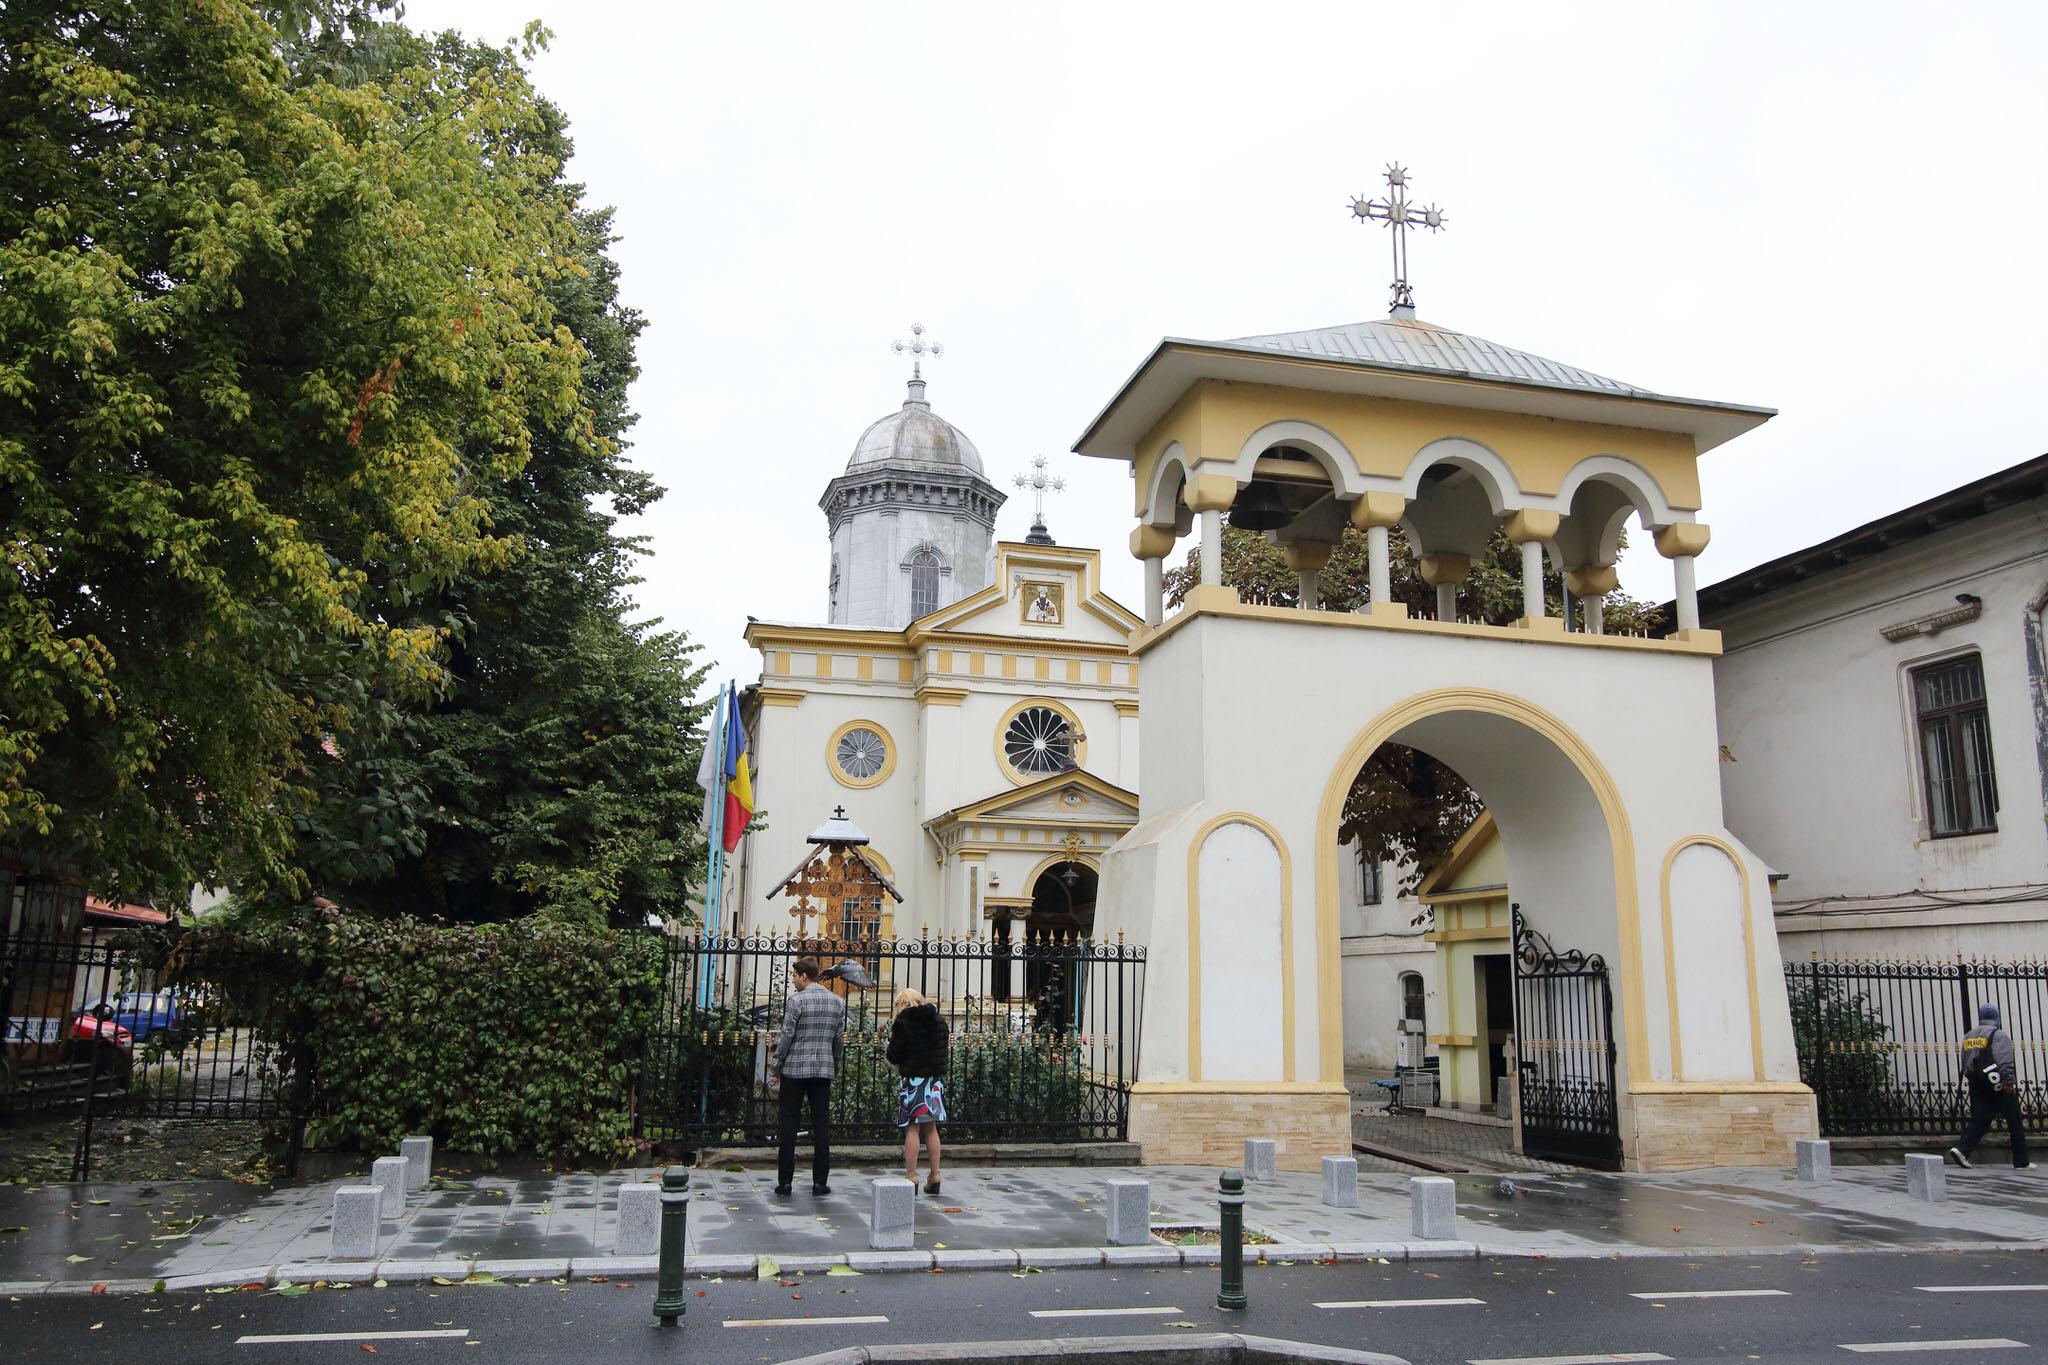 Biserica Sfantul Vasile cel Mare, Calea Victoriei